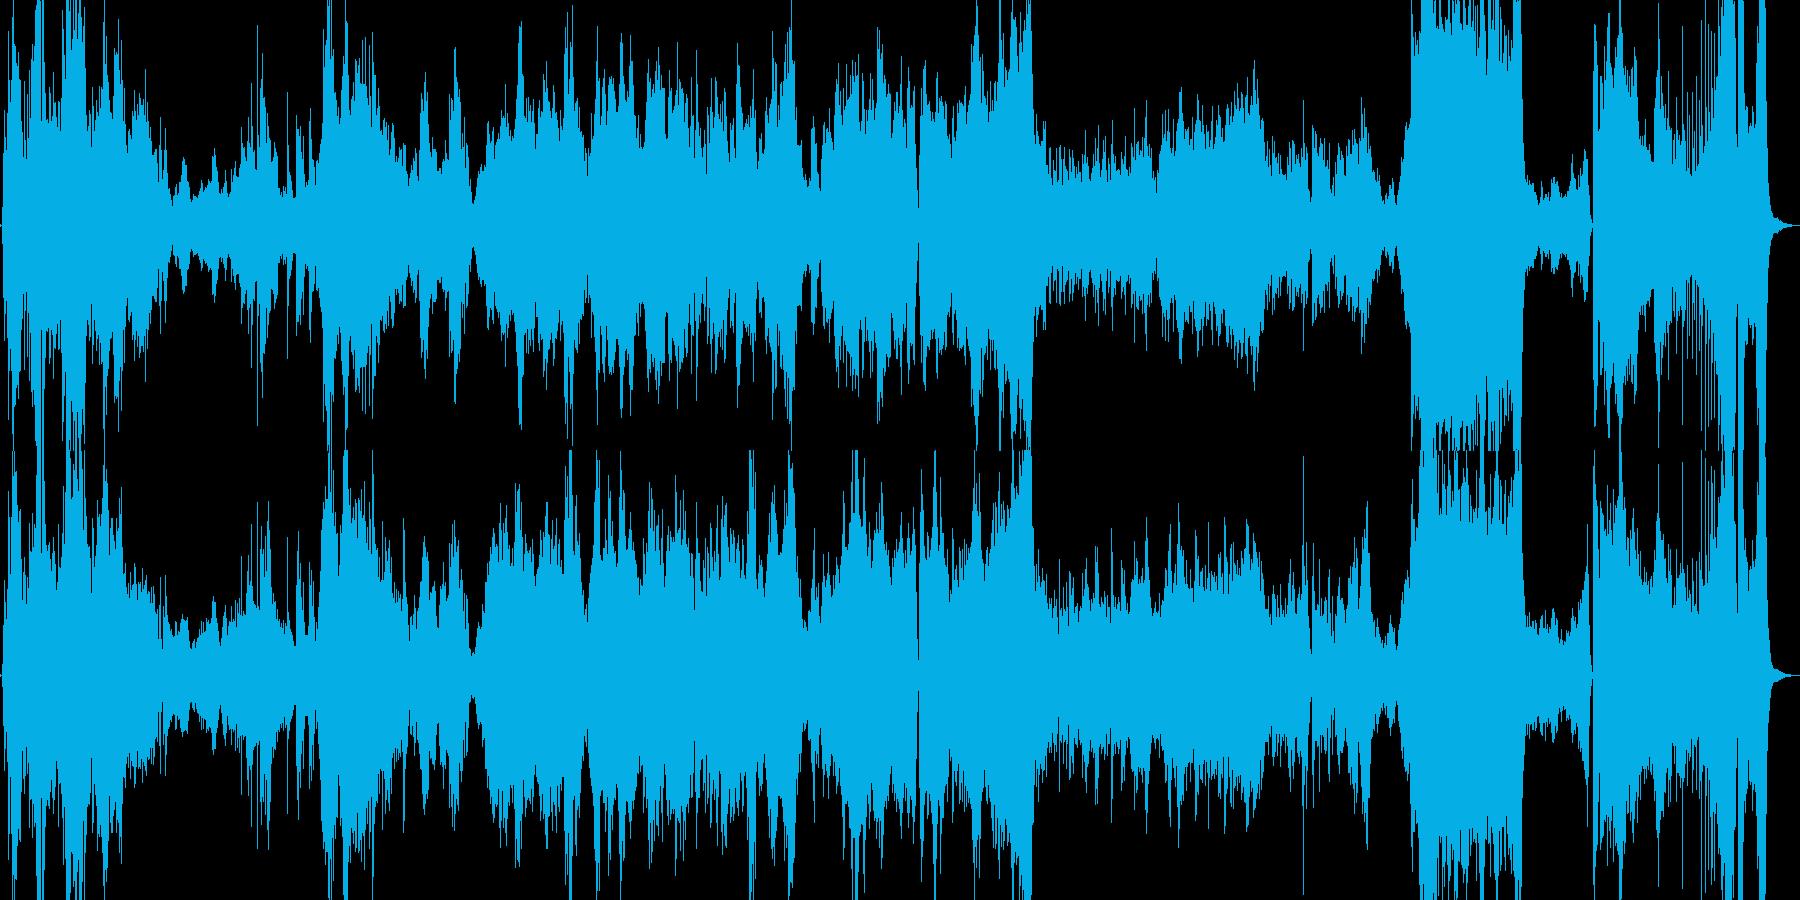 和楽器とオーケストラ楽器を融合させた曲の再生済みの波形